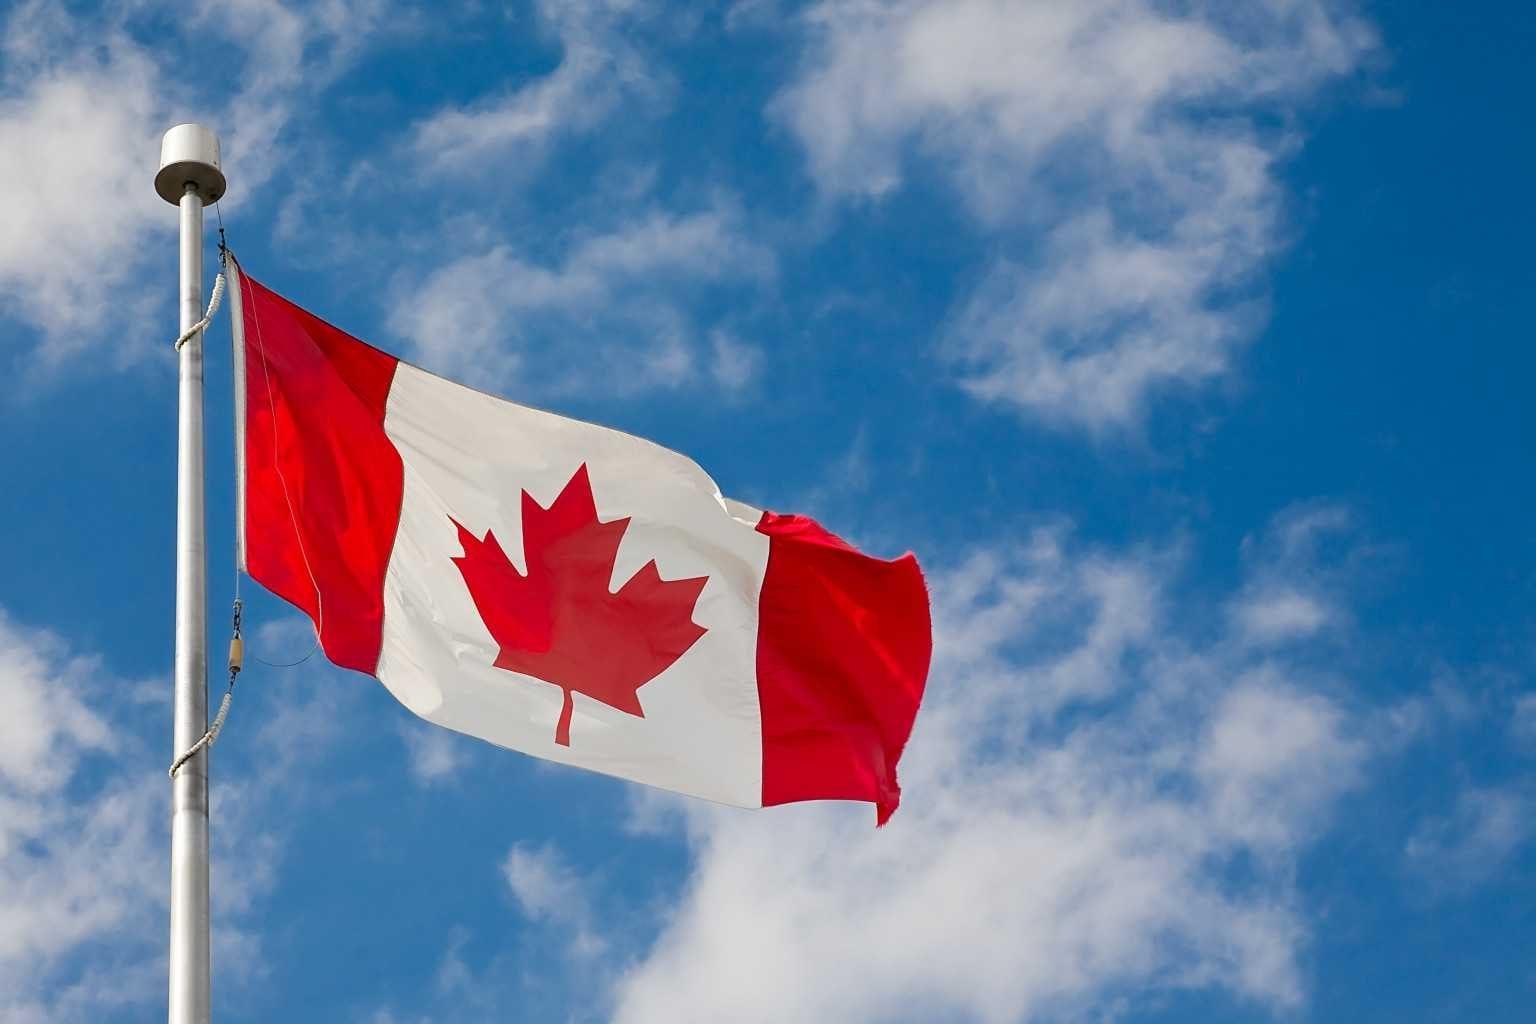 lịch sử canada, lịch sử nước canada, lịch sử hình thành canada, lịch sử về canada, lịch sử đất nước canada, lịch sử của canada, vết nhơ của lịch sử canada, lịch sử thành lập canada